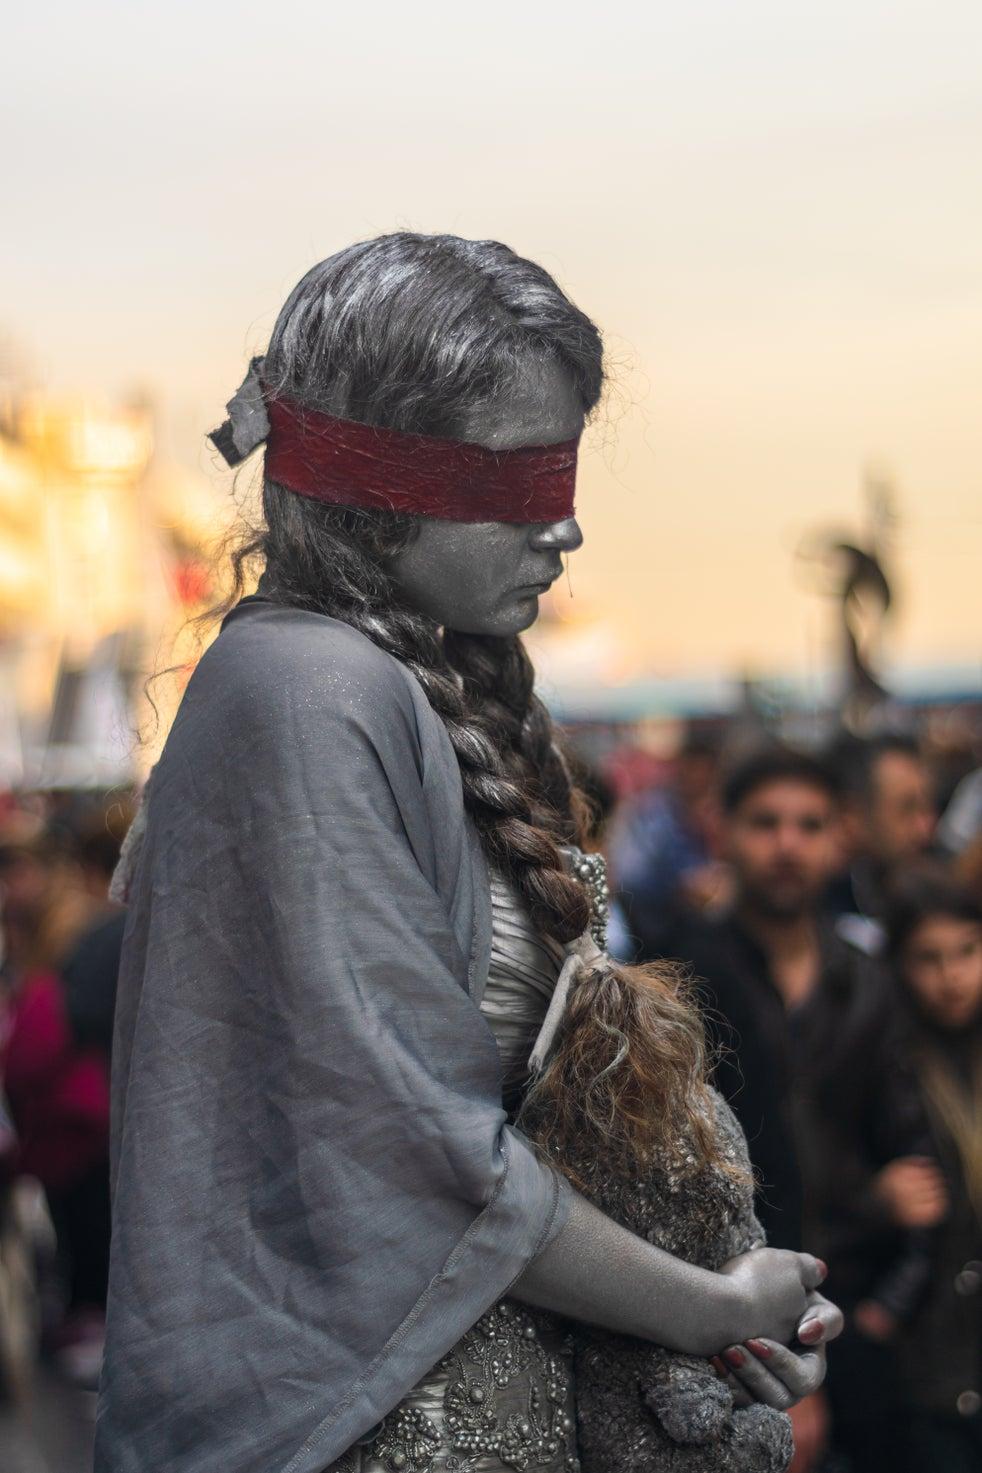 Menina, 13, resgatada de 'casamento forçado' no Paquistão